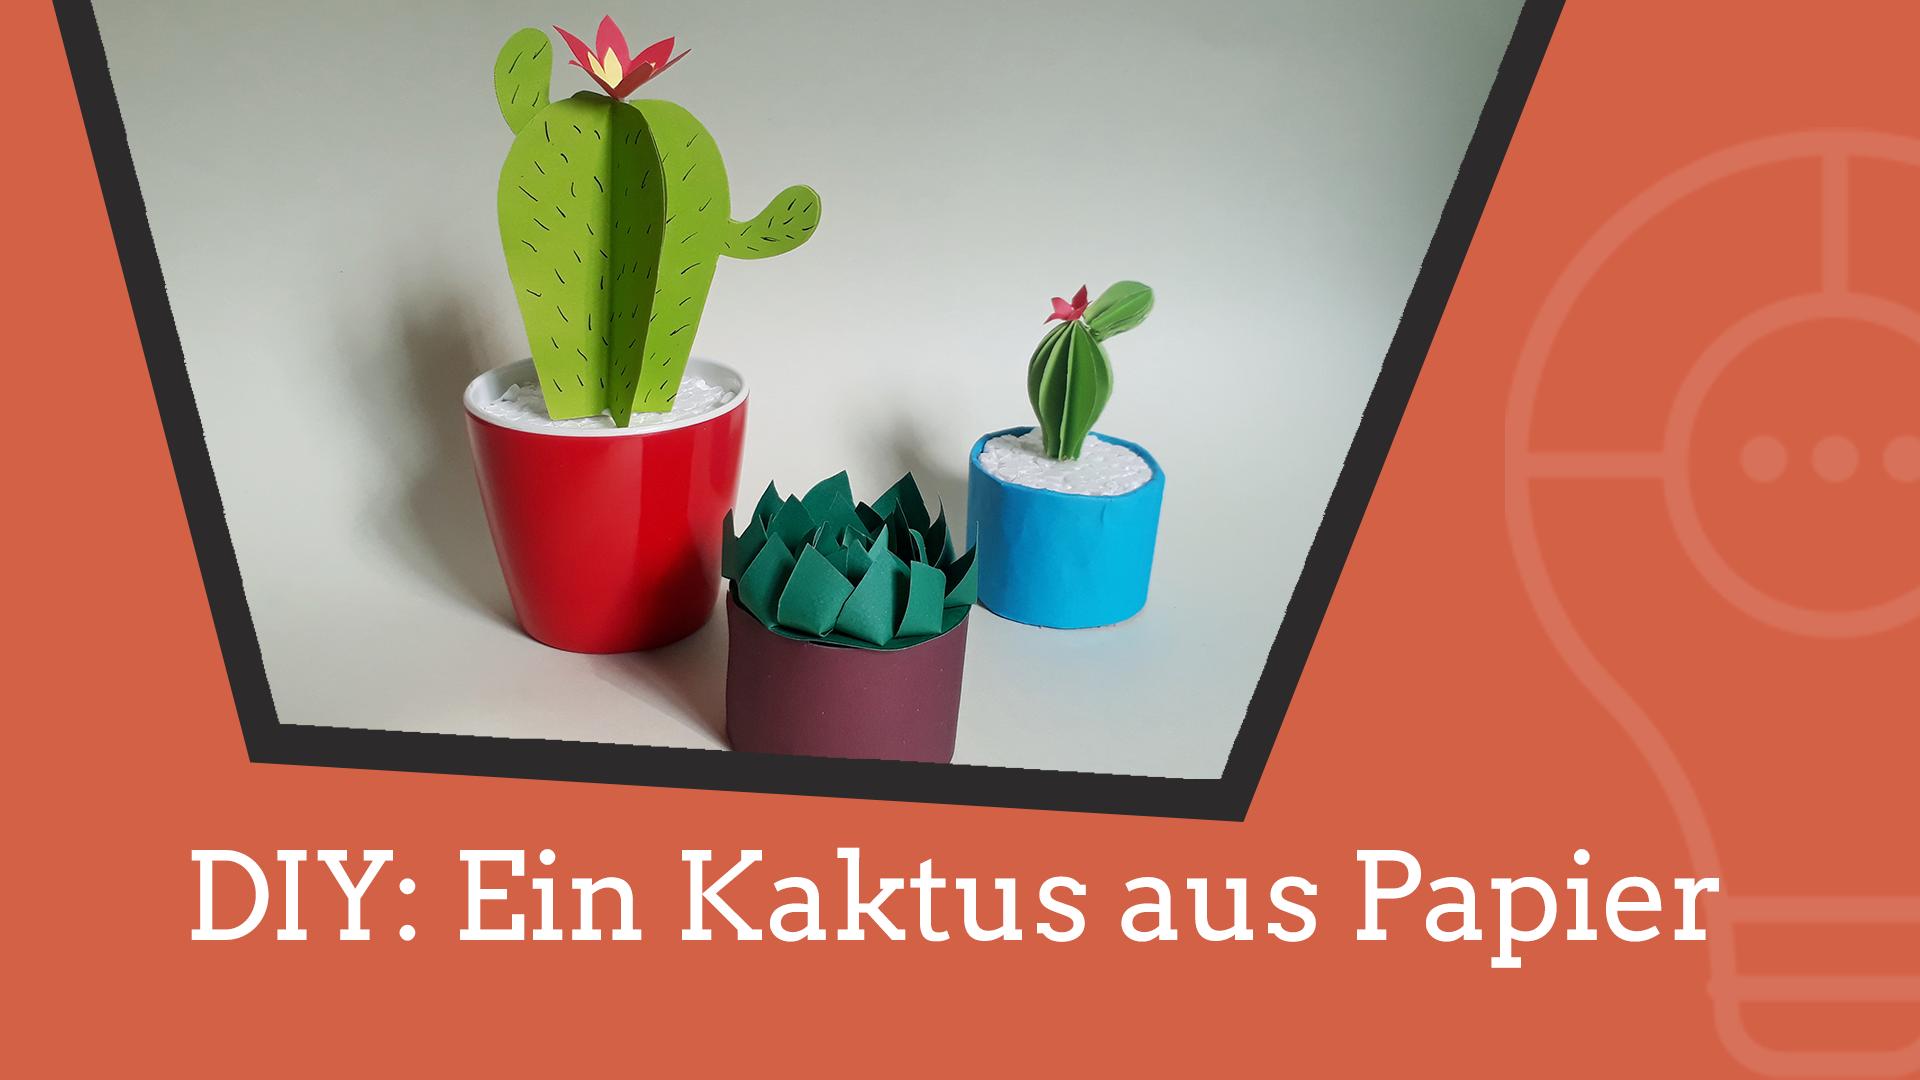 Video: Kaktus aus Papier basteln